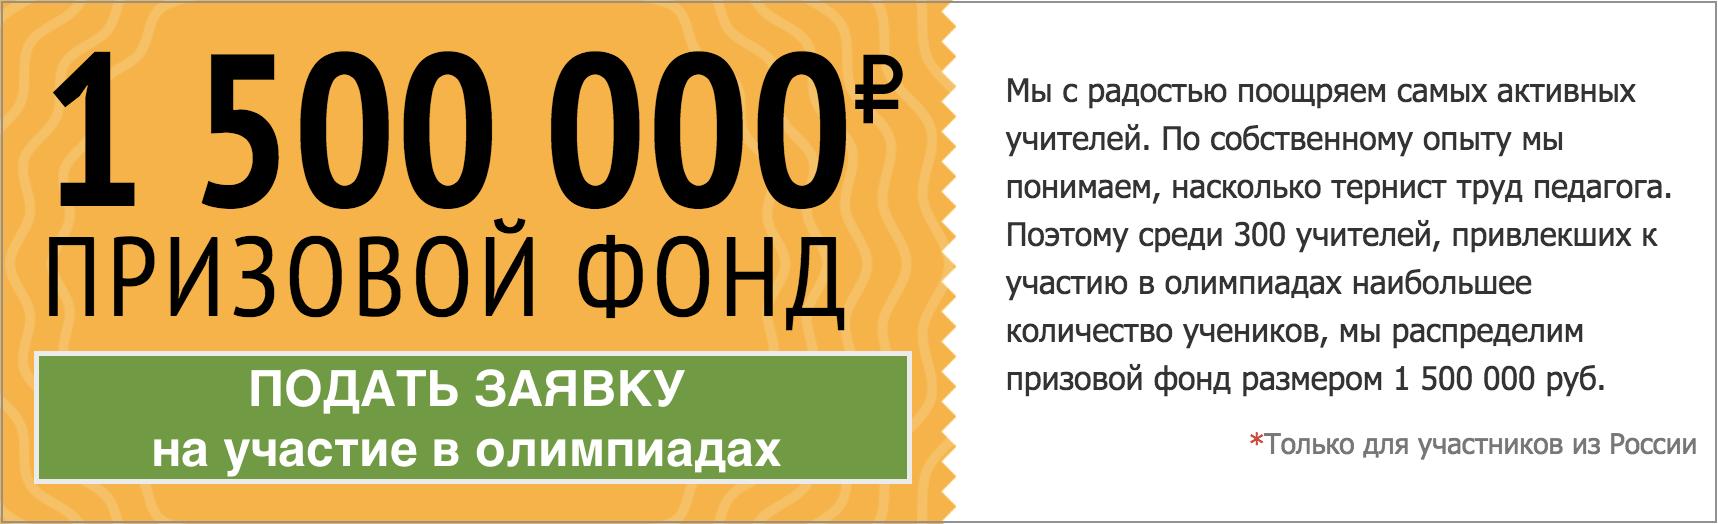 Рабочая программа по русскому языку 6 класс ладыженская 204 часа